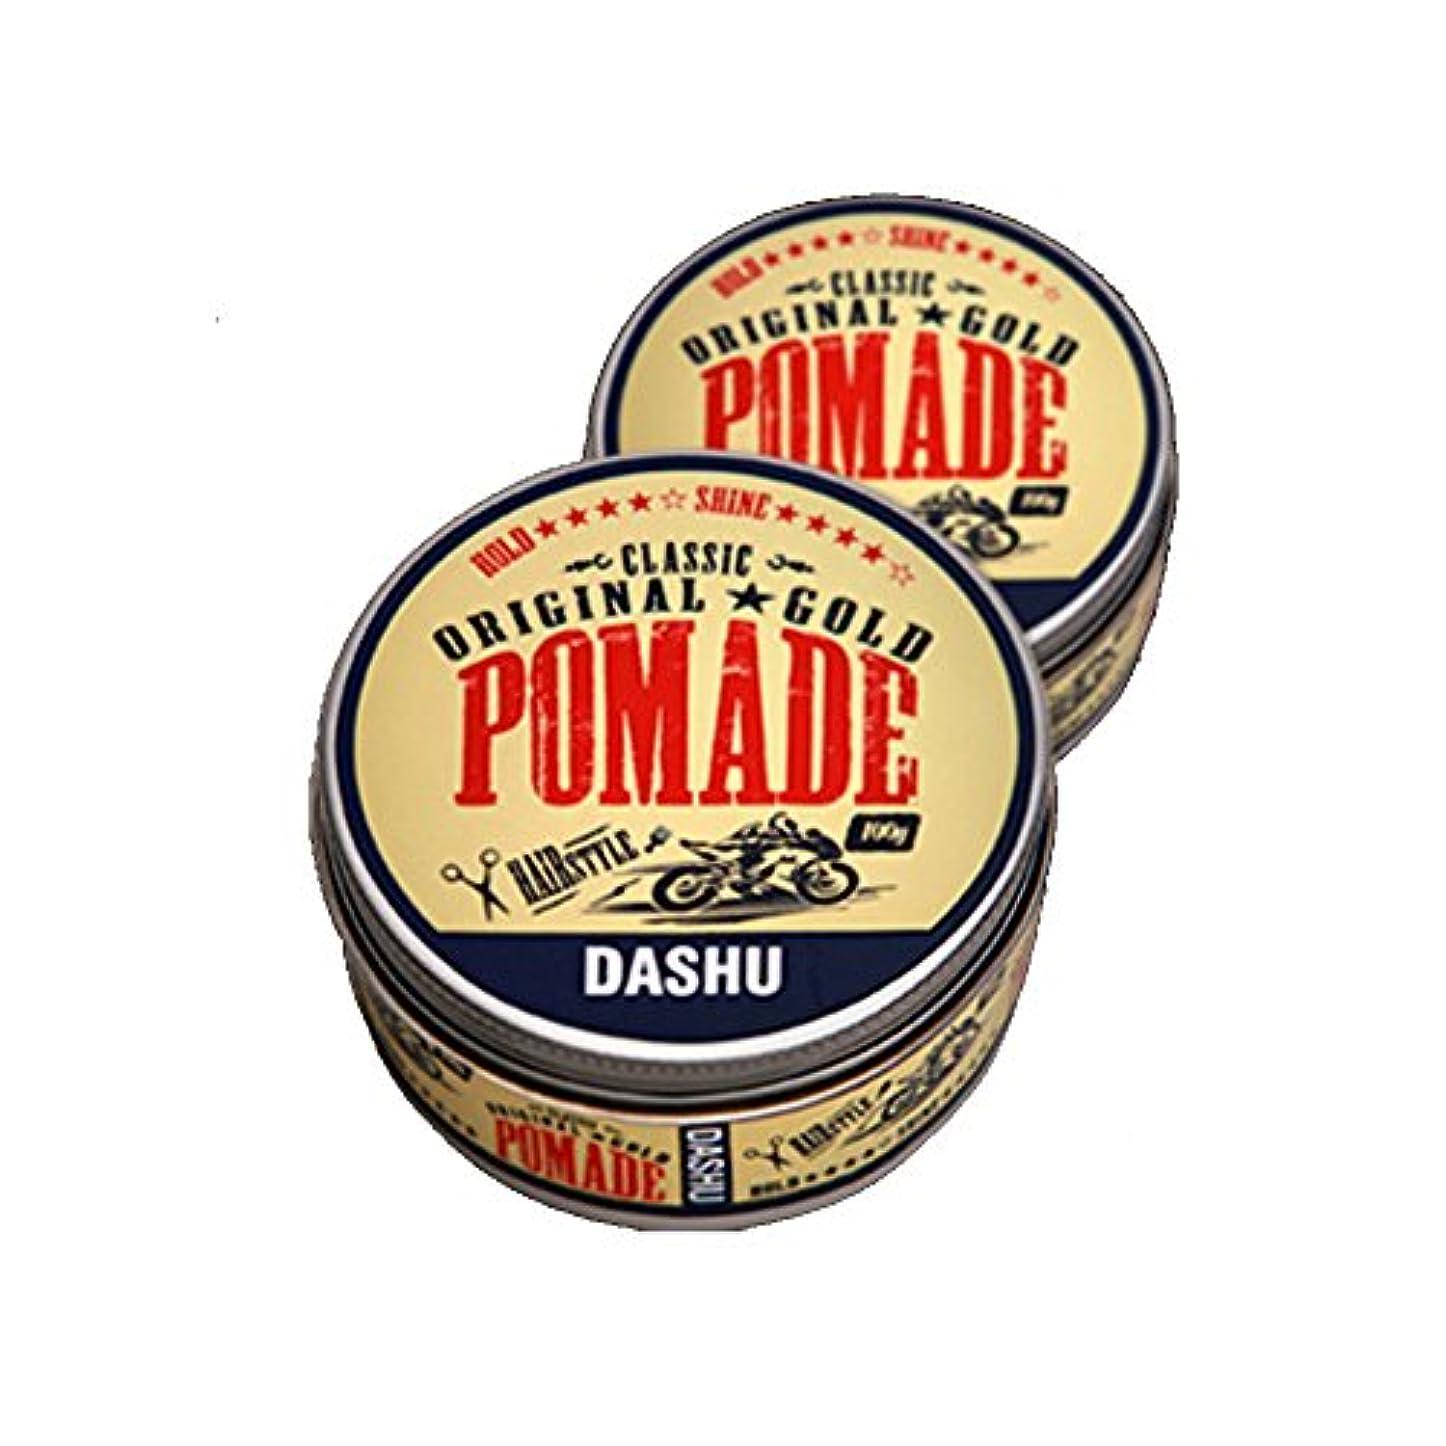 市長マッサージ法医学(2個セット) x [DASHU] ダシュ クラシックオリジナルゴールドポマードヘアワックス Classic Original Gold Pomade Hair Wax 100ml / 韓国製 . 韓国直送品